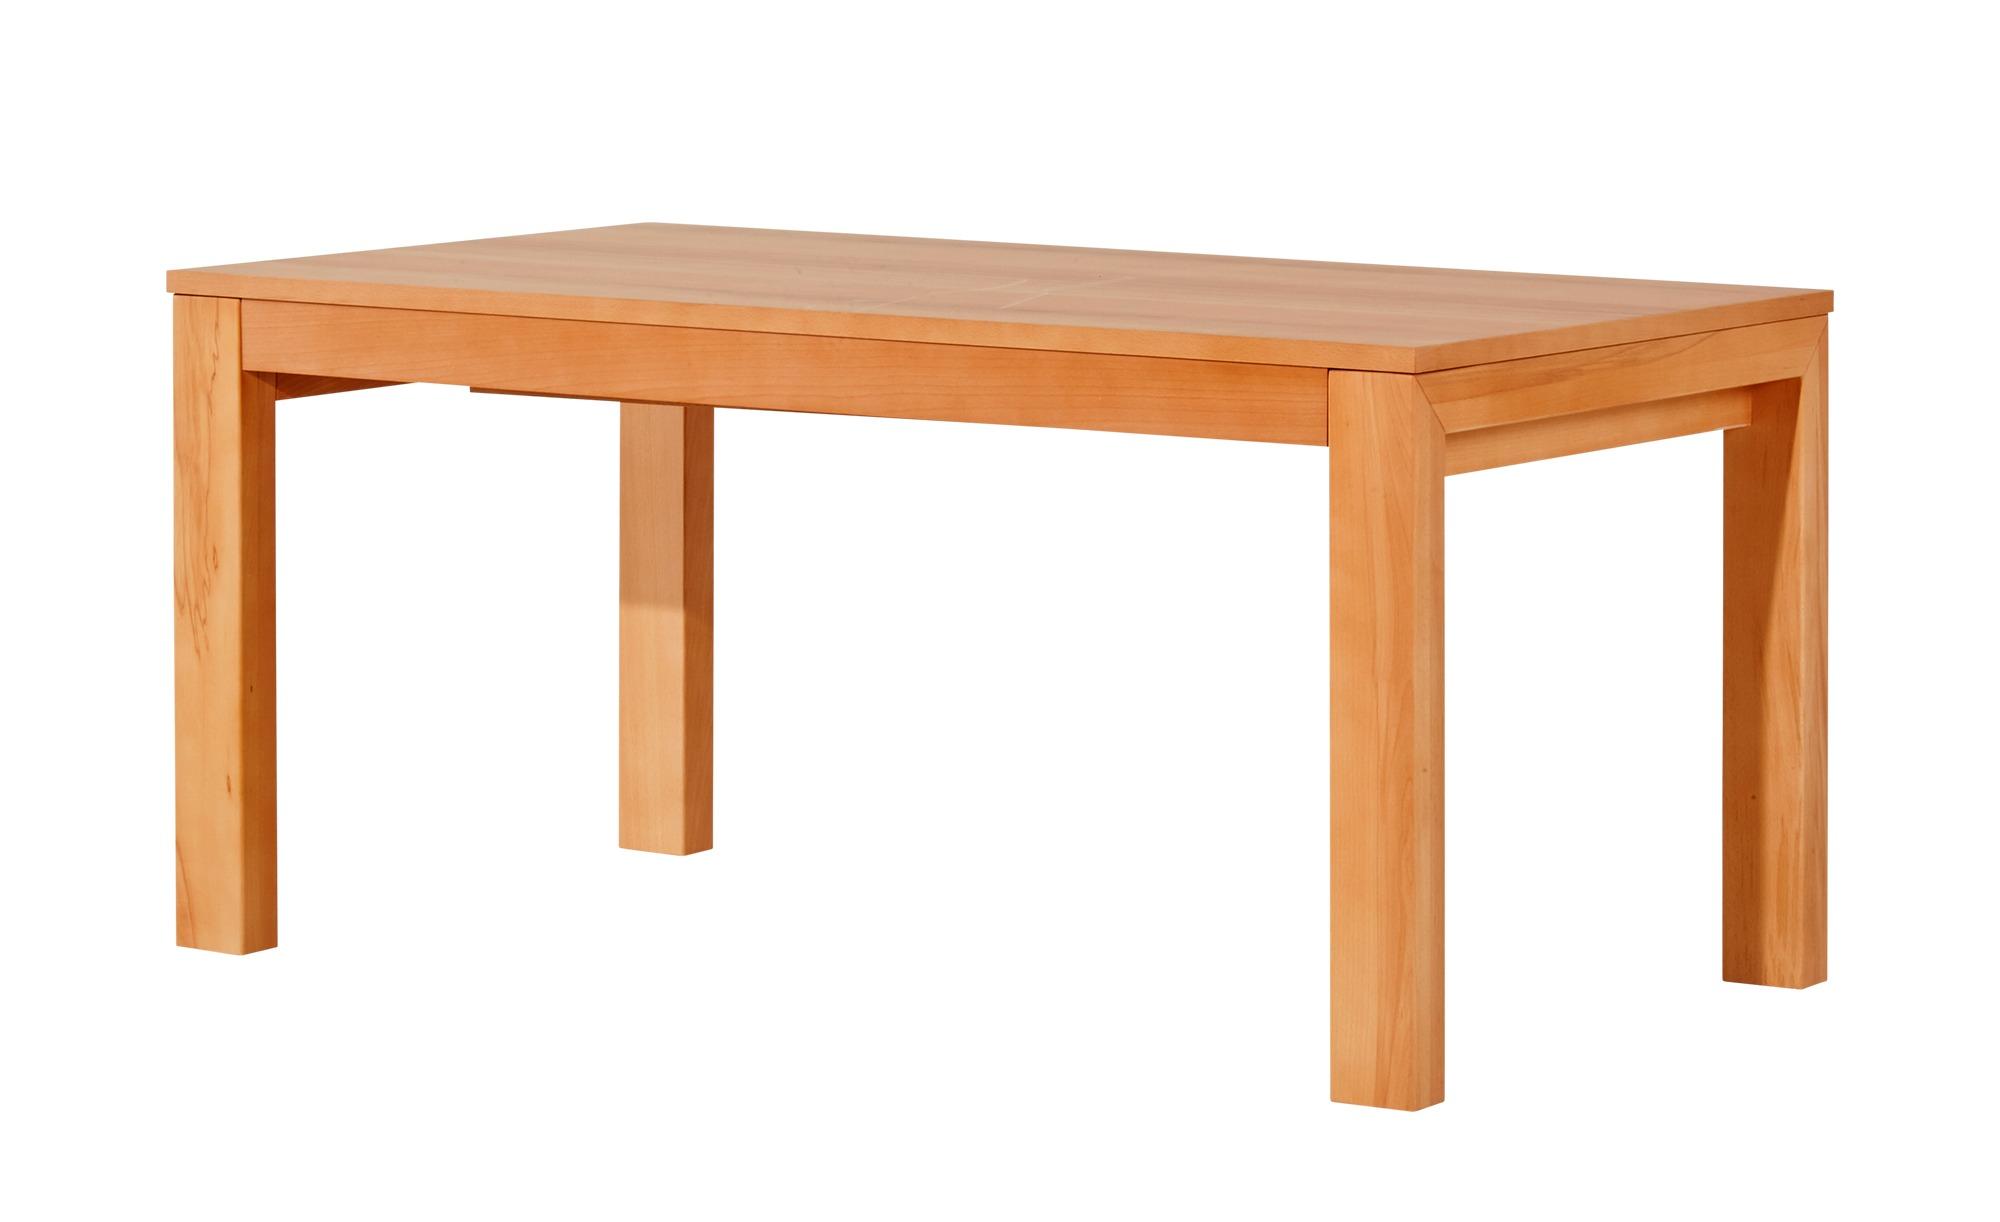 Wohnwert Esstisch   Einsteiger ¦ holzfarben ¦ Maße (cm): B: 90 H: 76 Tische > Esstische > Esstische ausziehbar - Höffner